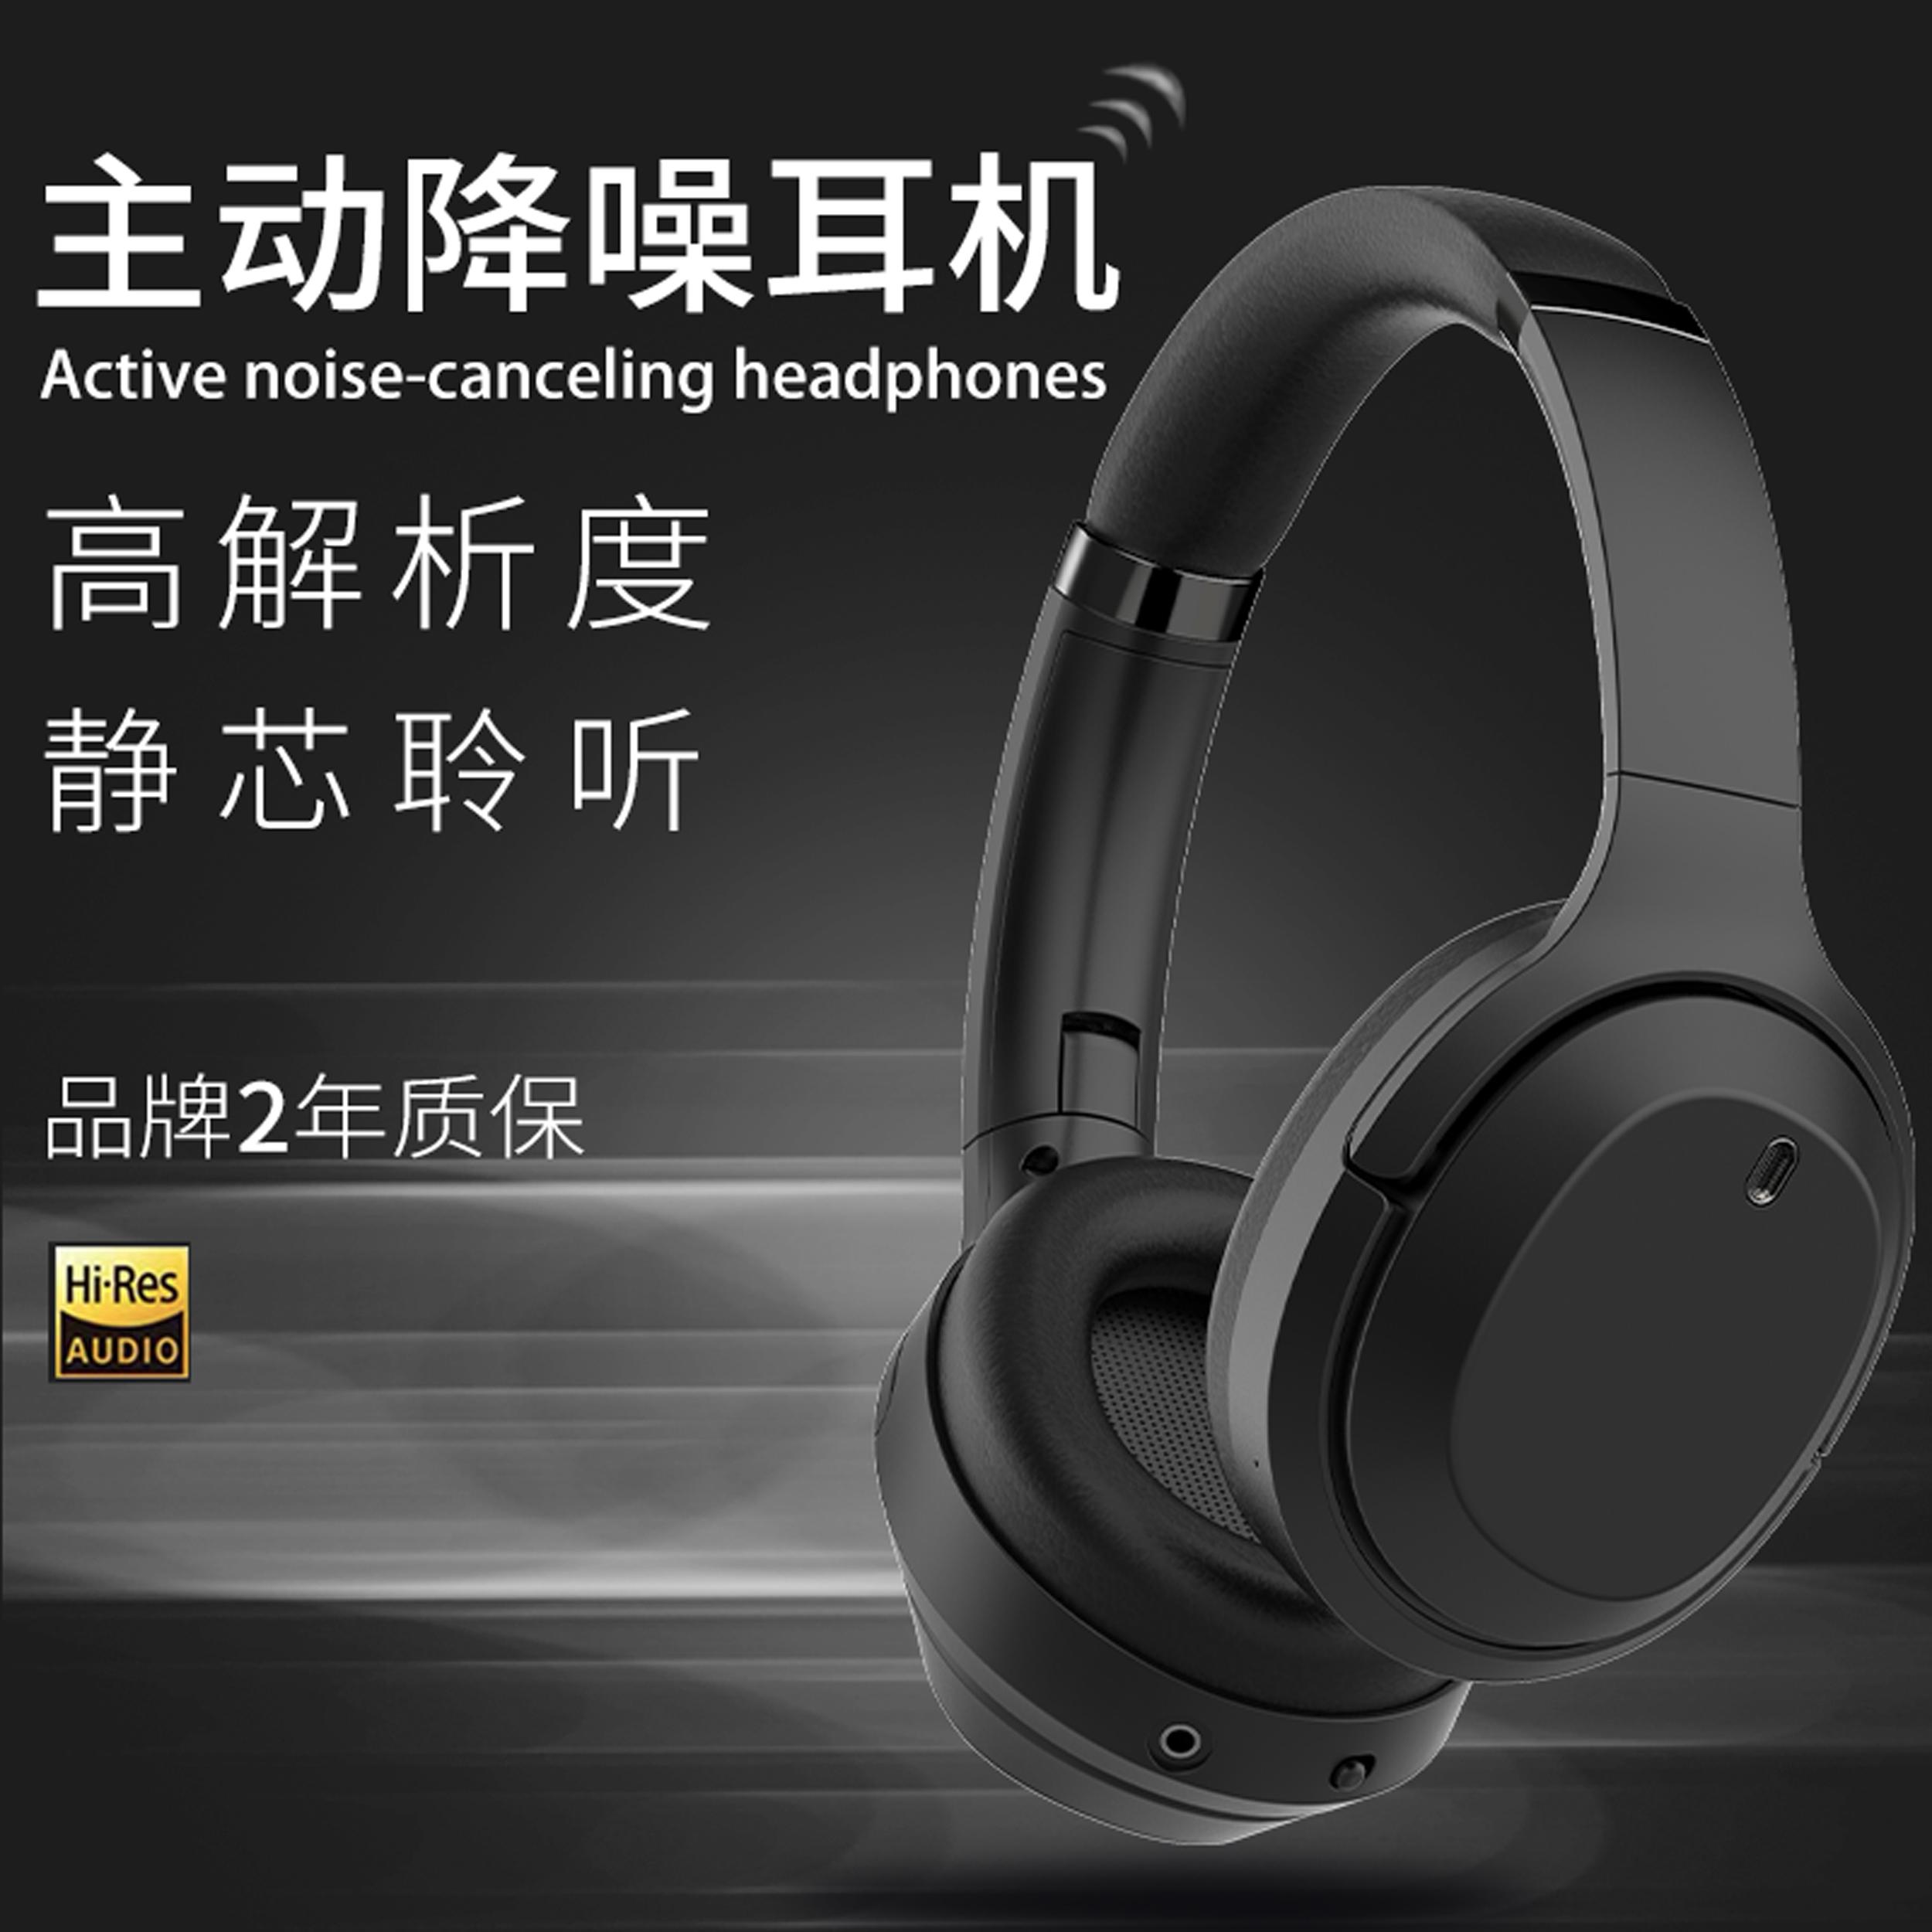 主动降噪蓝牙耳机头戴式重低音无线运动音乐耳麦通用苹果索尼电脑